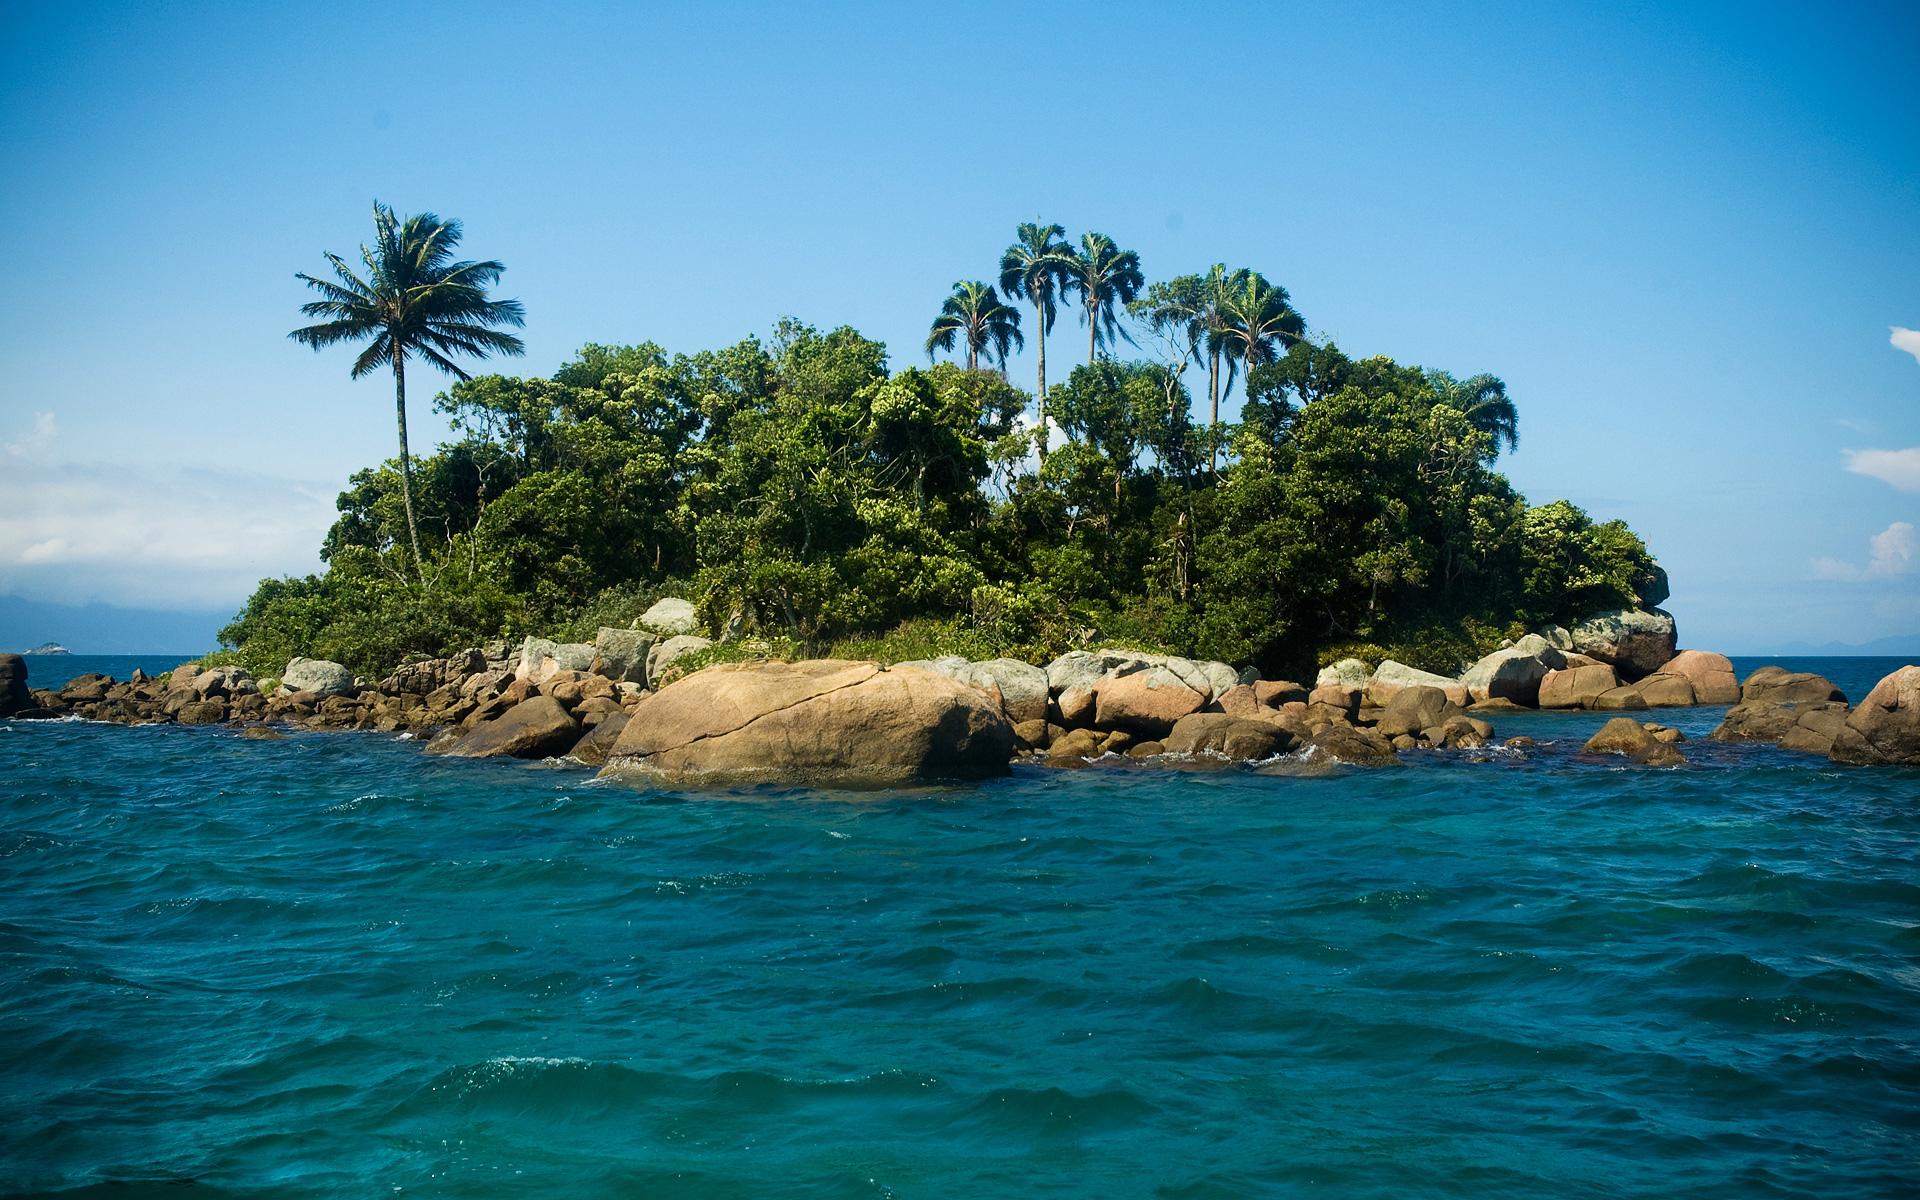 маленькие острова среди гор  № 253100 загрузить